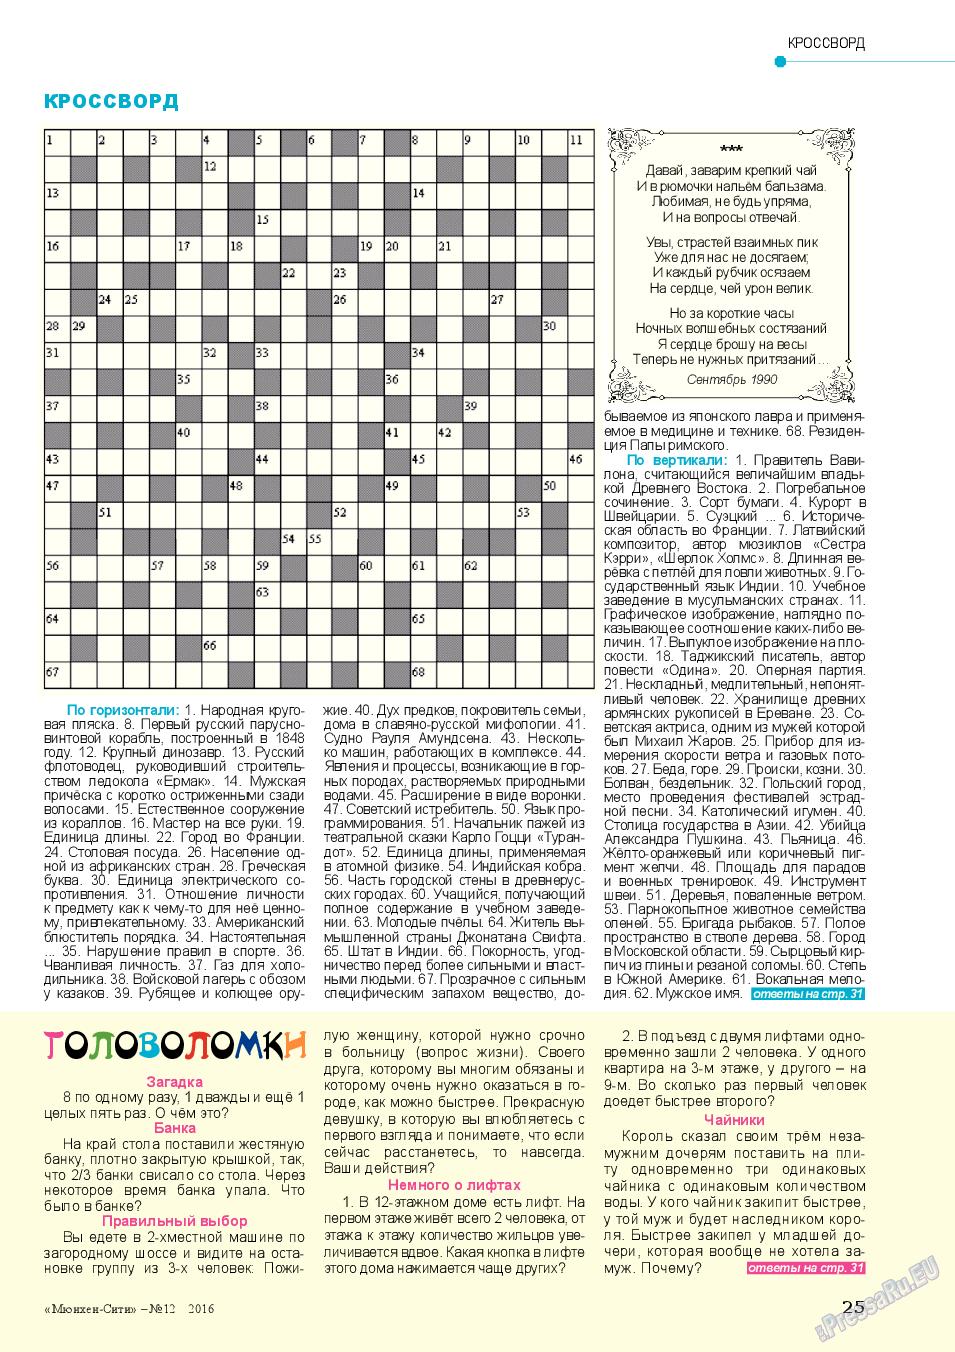 Мюнхен-сити (журнал). 2016 год, номер 12, стр. 25